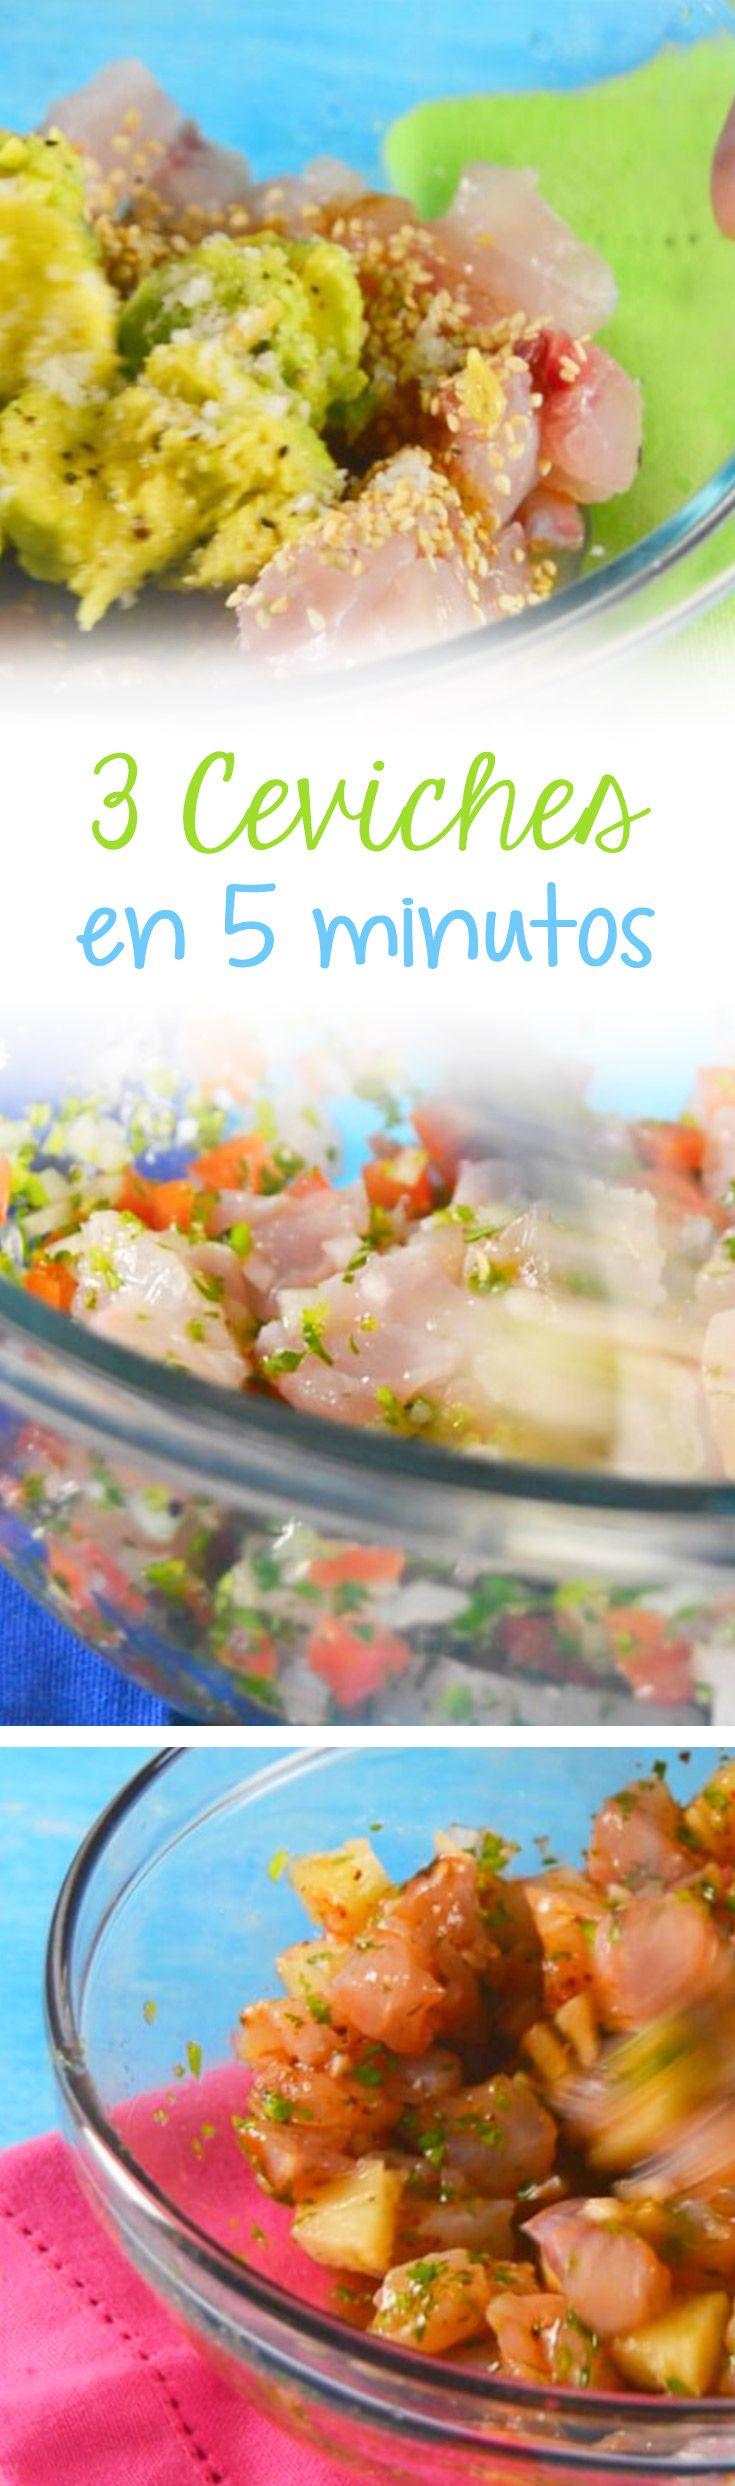 Si te gusta el ceviche, aquí encontrarás el paso a paso para aprender a cocinar 3 diferentes ceviches que están ¡deliciosos! Son preparaciones fáciles de pescado que estamos seguros que a ti y a tú familia les va a encantar. Cuéntanos cual fue tu favorito.